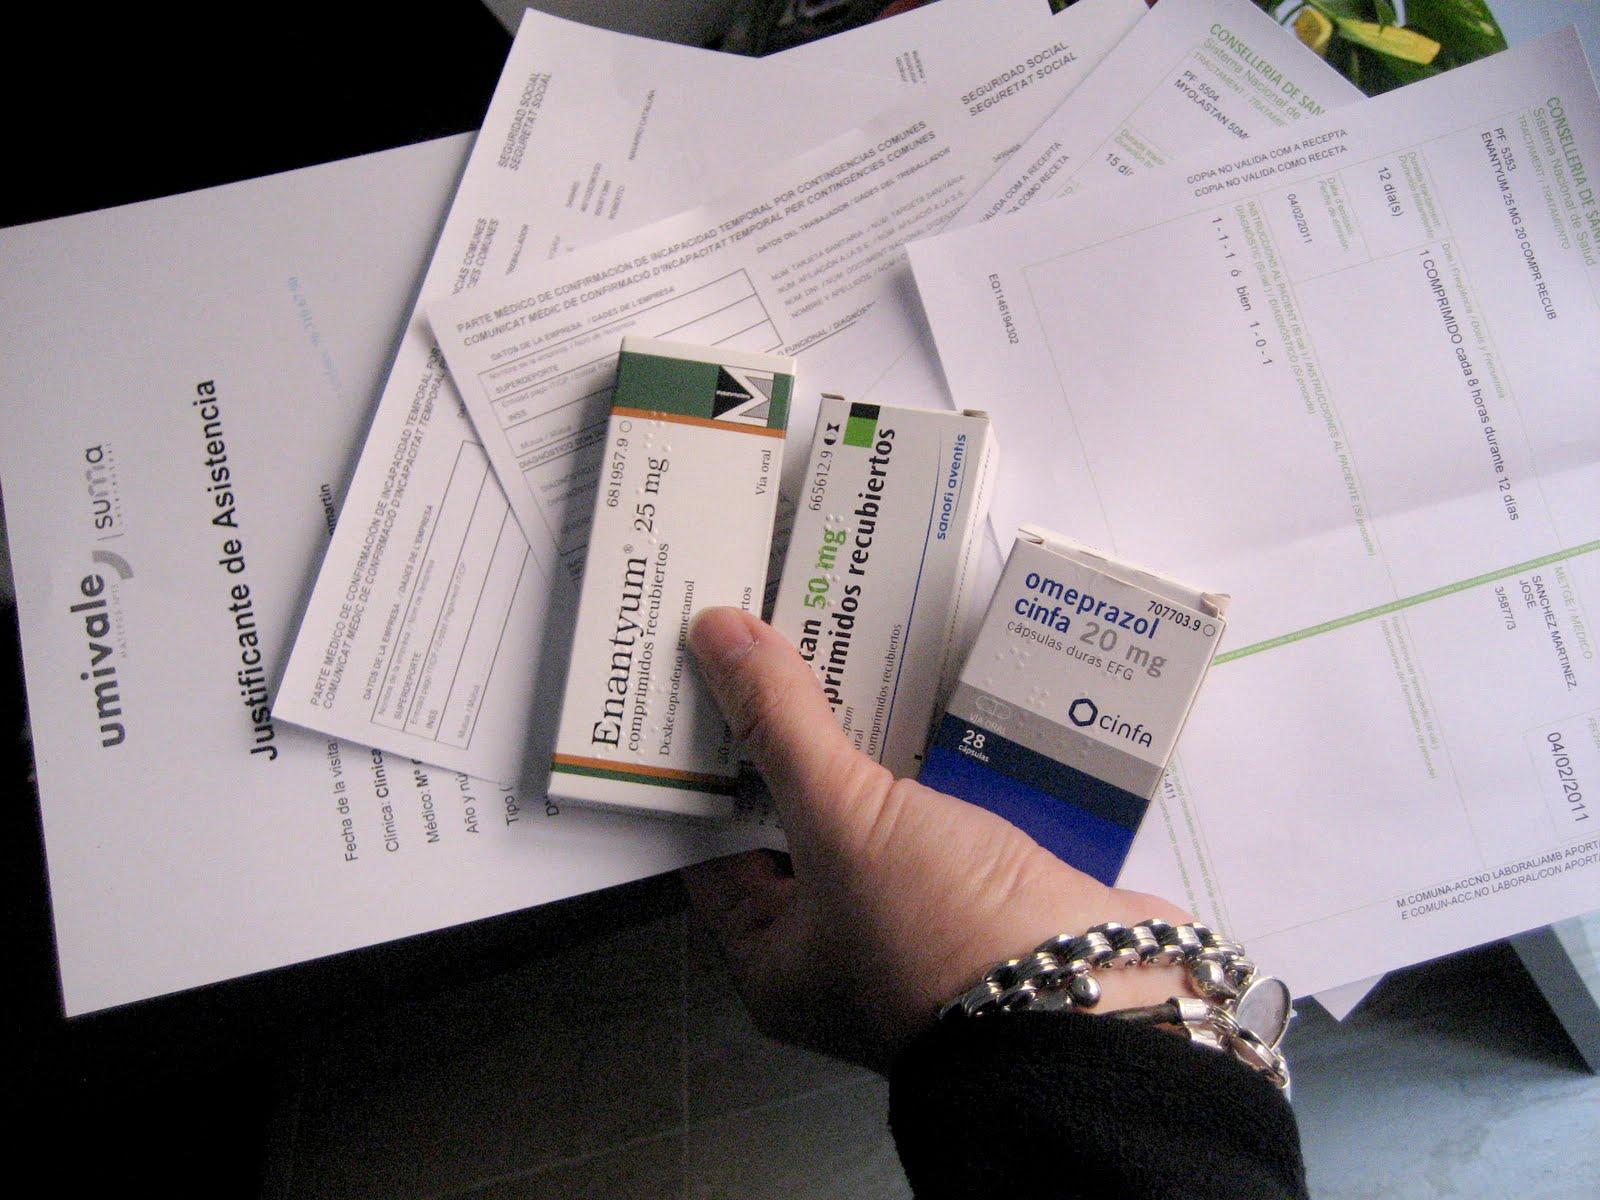 papeles-y-medicamentos